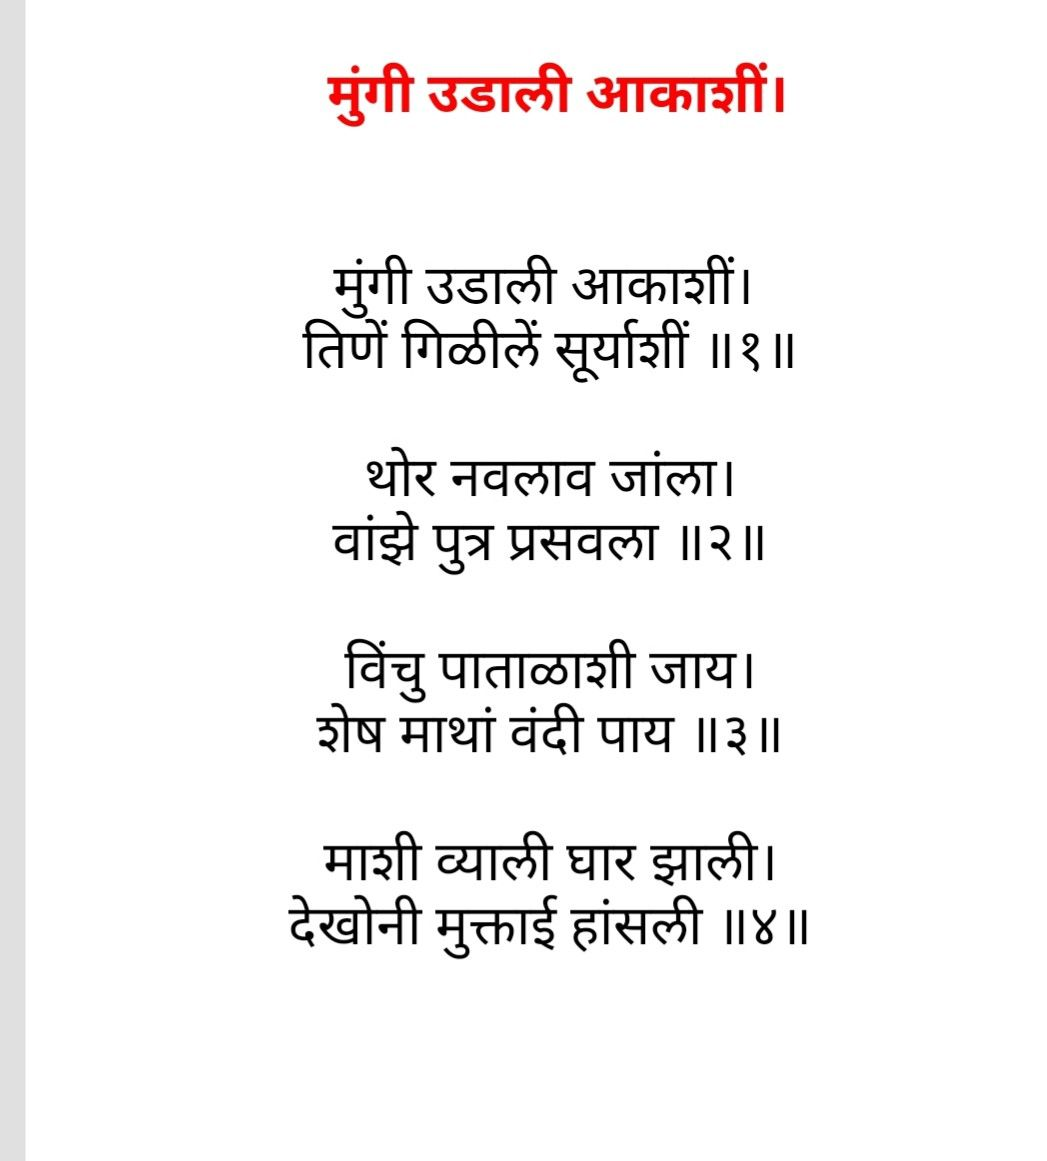 Mungi Udali Akashi Morals Quotes Marathi Poems Marathi Quotes